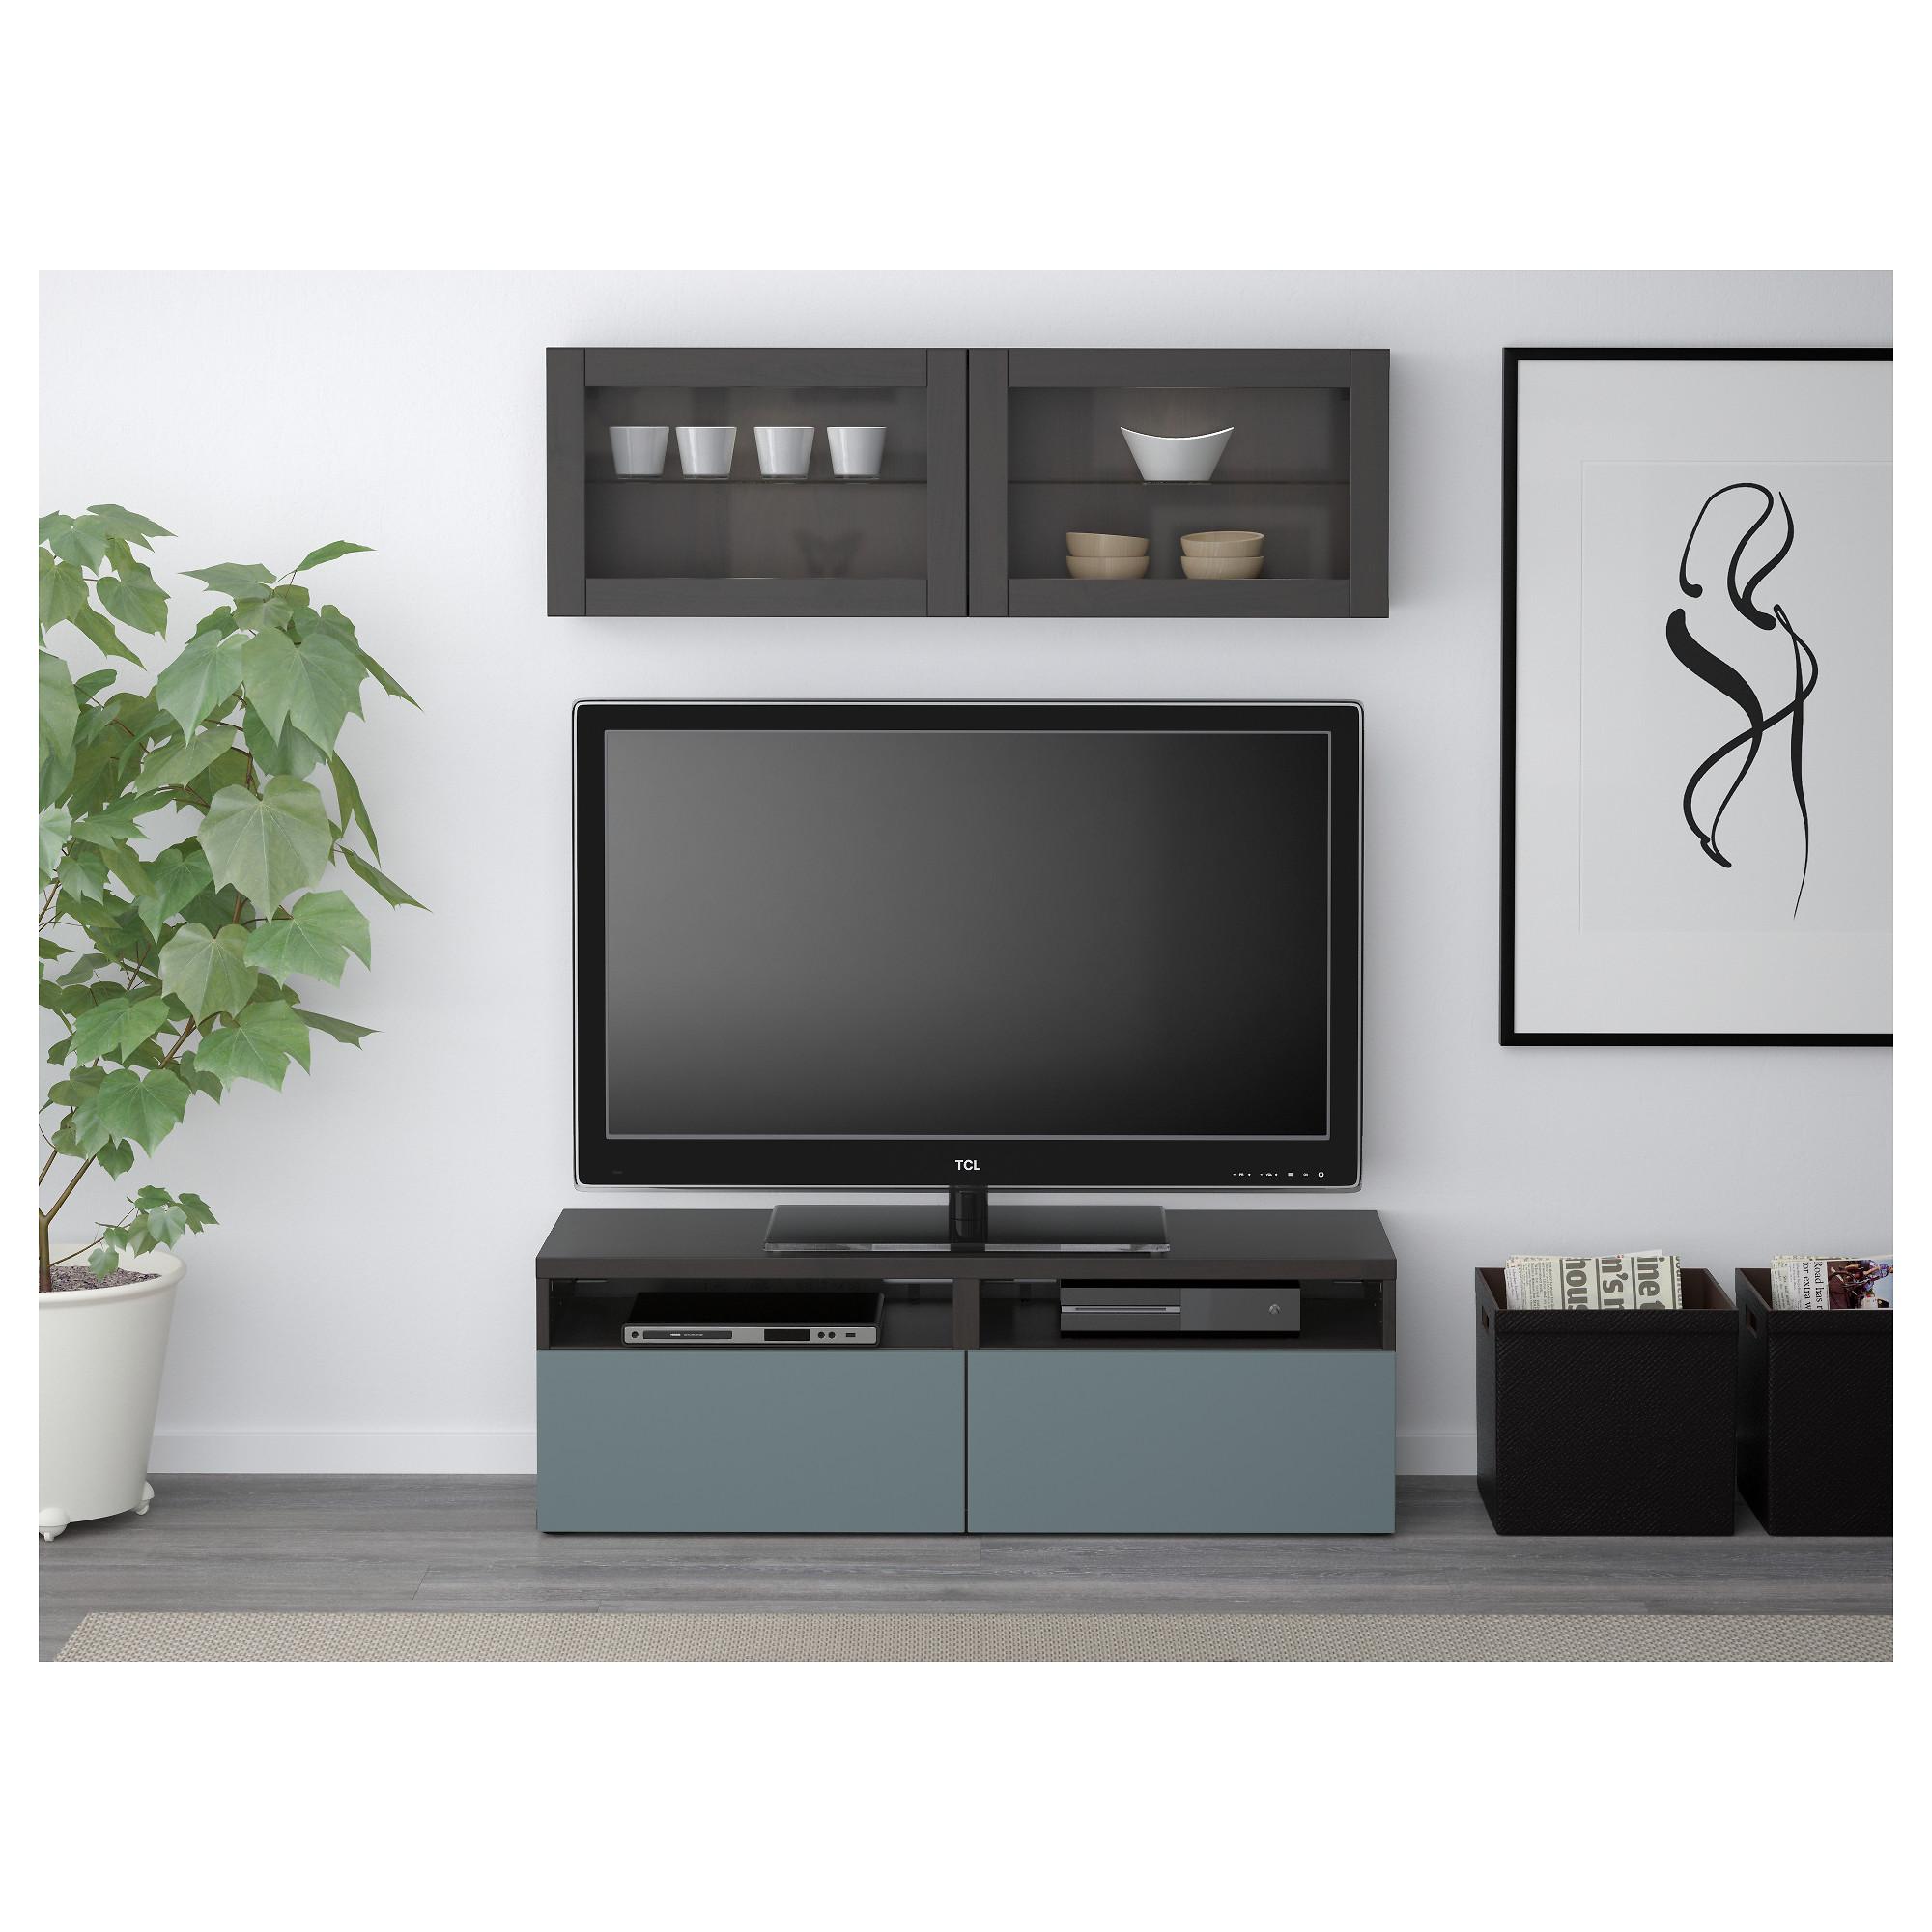 Шкаф для ТВ, комбинированный, стекляные дверцы БЕСТО артикуль № 392.504.94 в наличии. Интернет магазин IKEA РБ. Быстрая доставка и соборка.